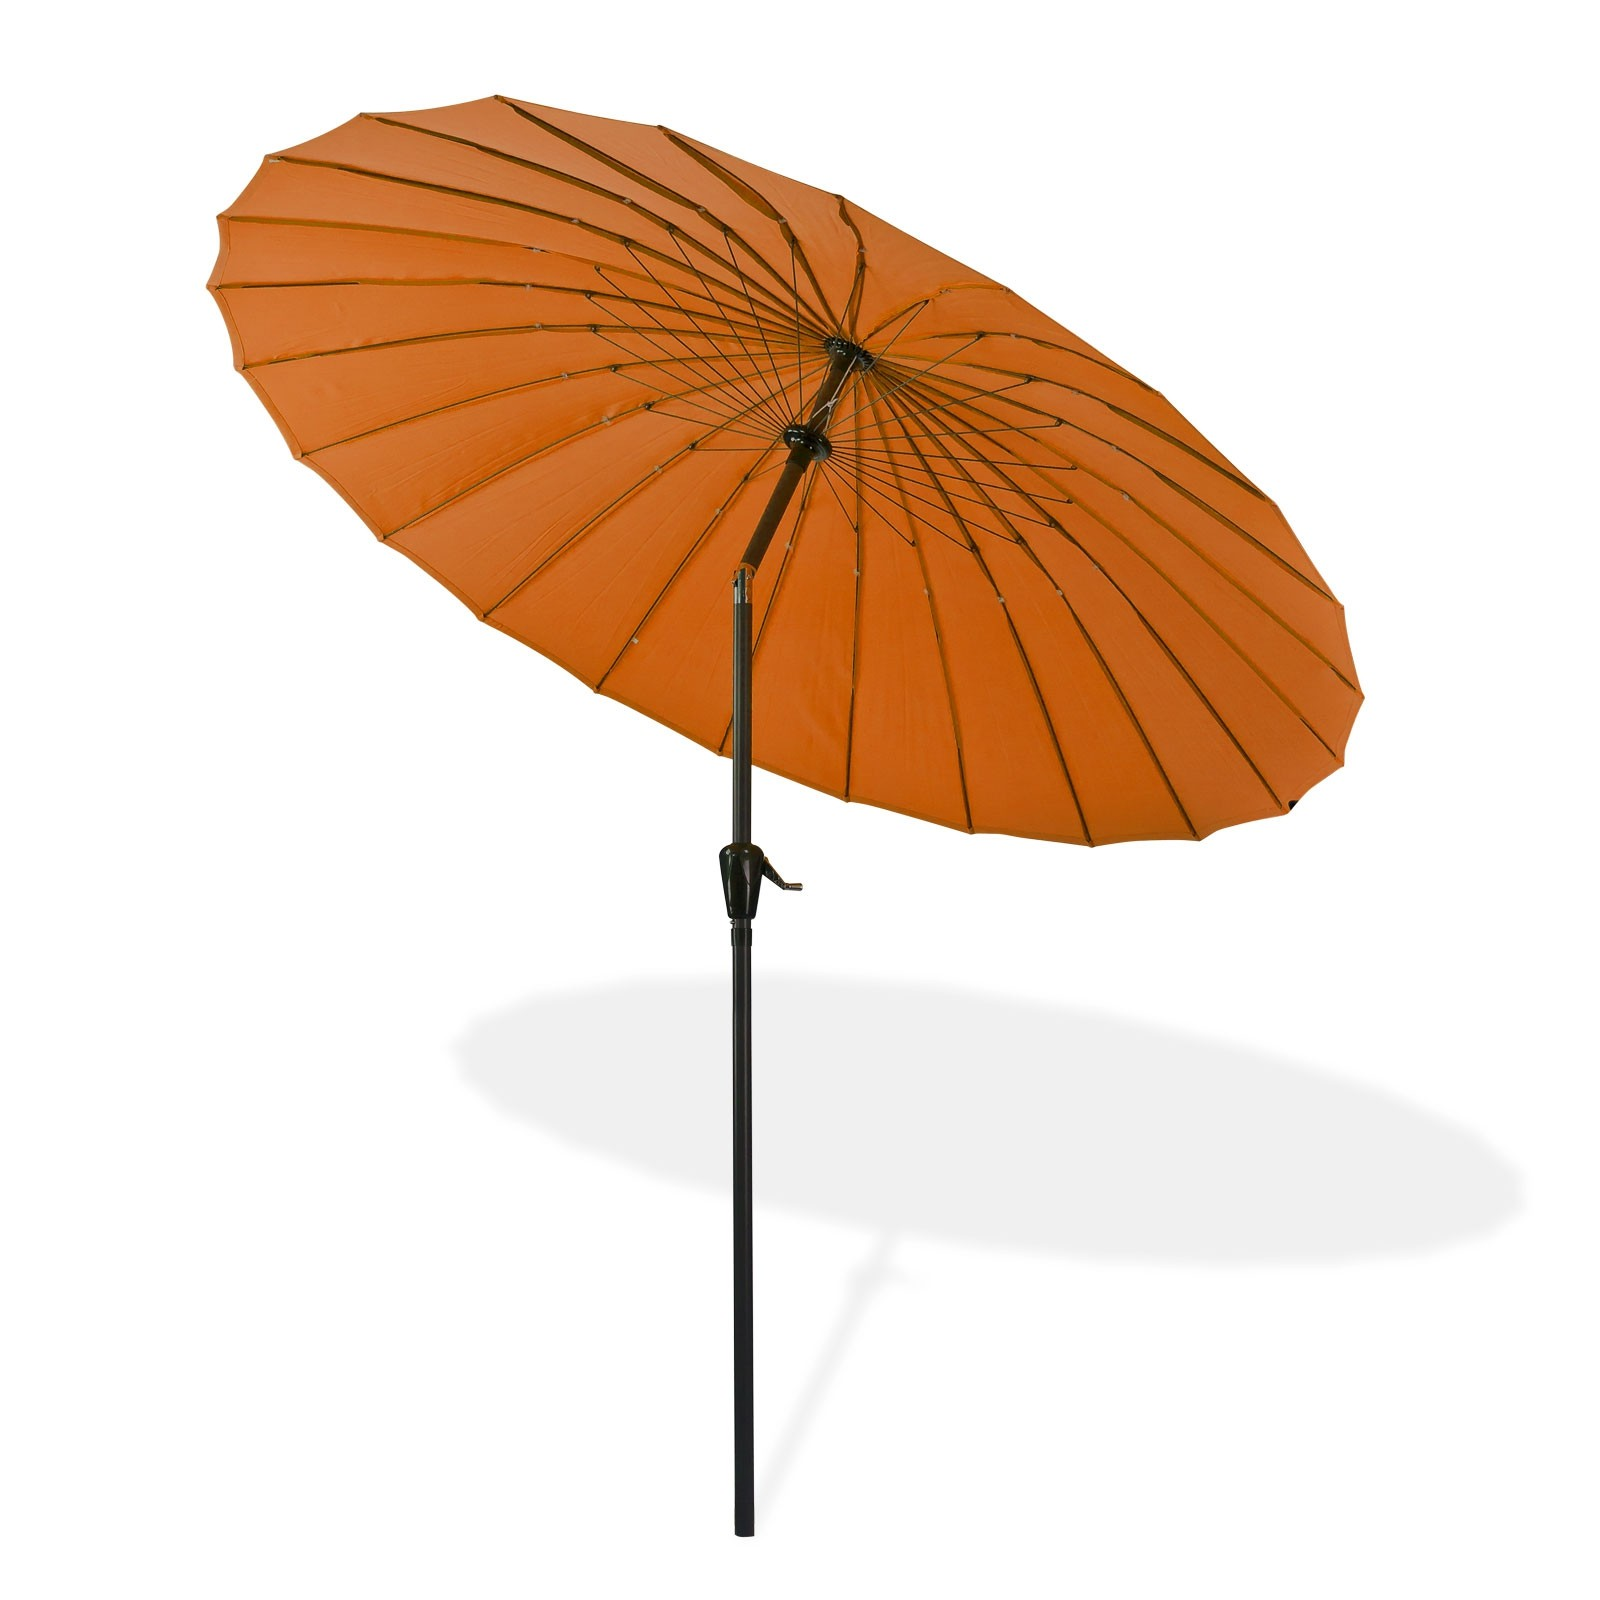 Dema Sonnenschirm Gartenschirm Schirm Kurbelschirm Tokio rund 2,5 m - Farbe nach Wahl var-schirm-tokio